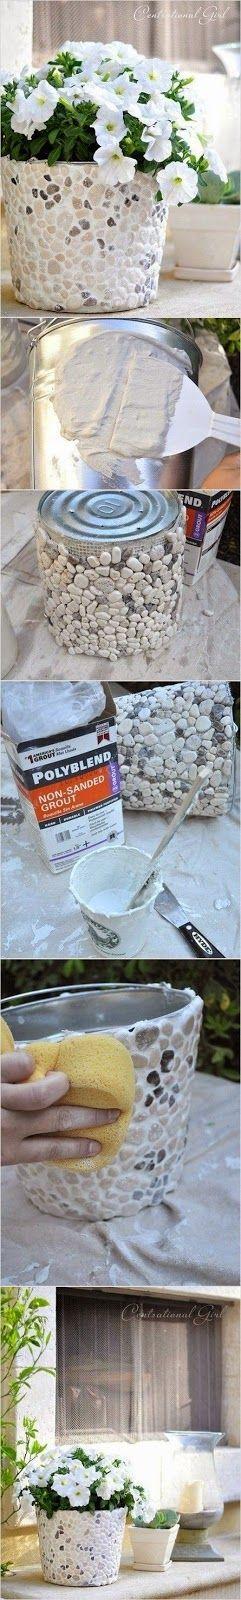 Alternative Gardning: DIY rock covered bucket